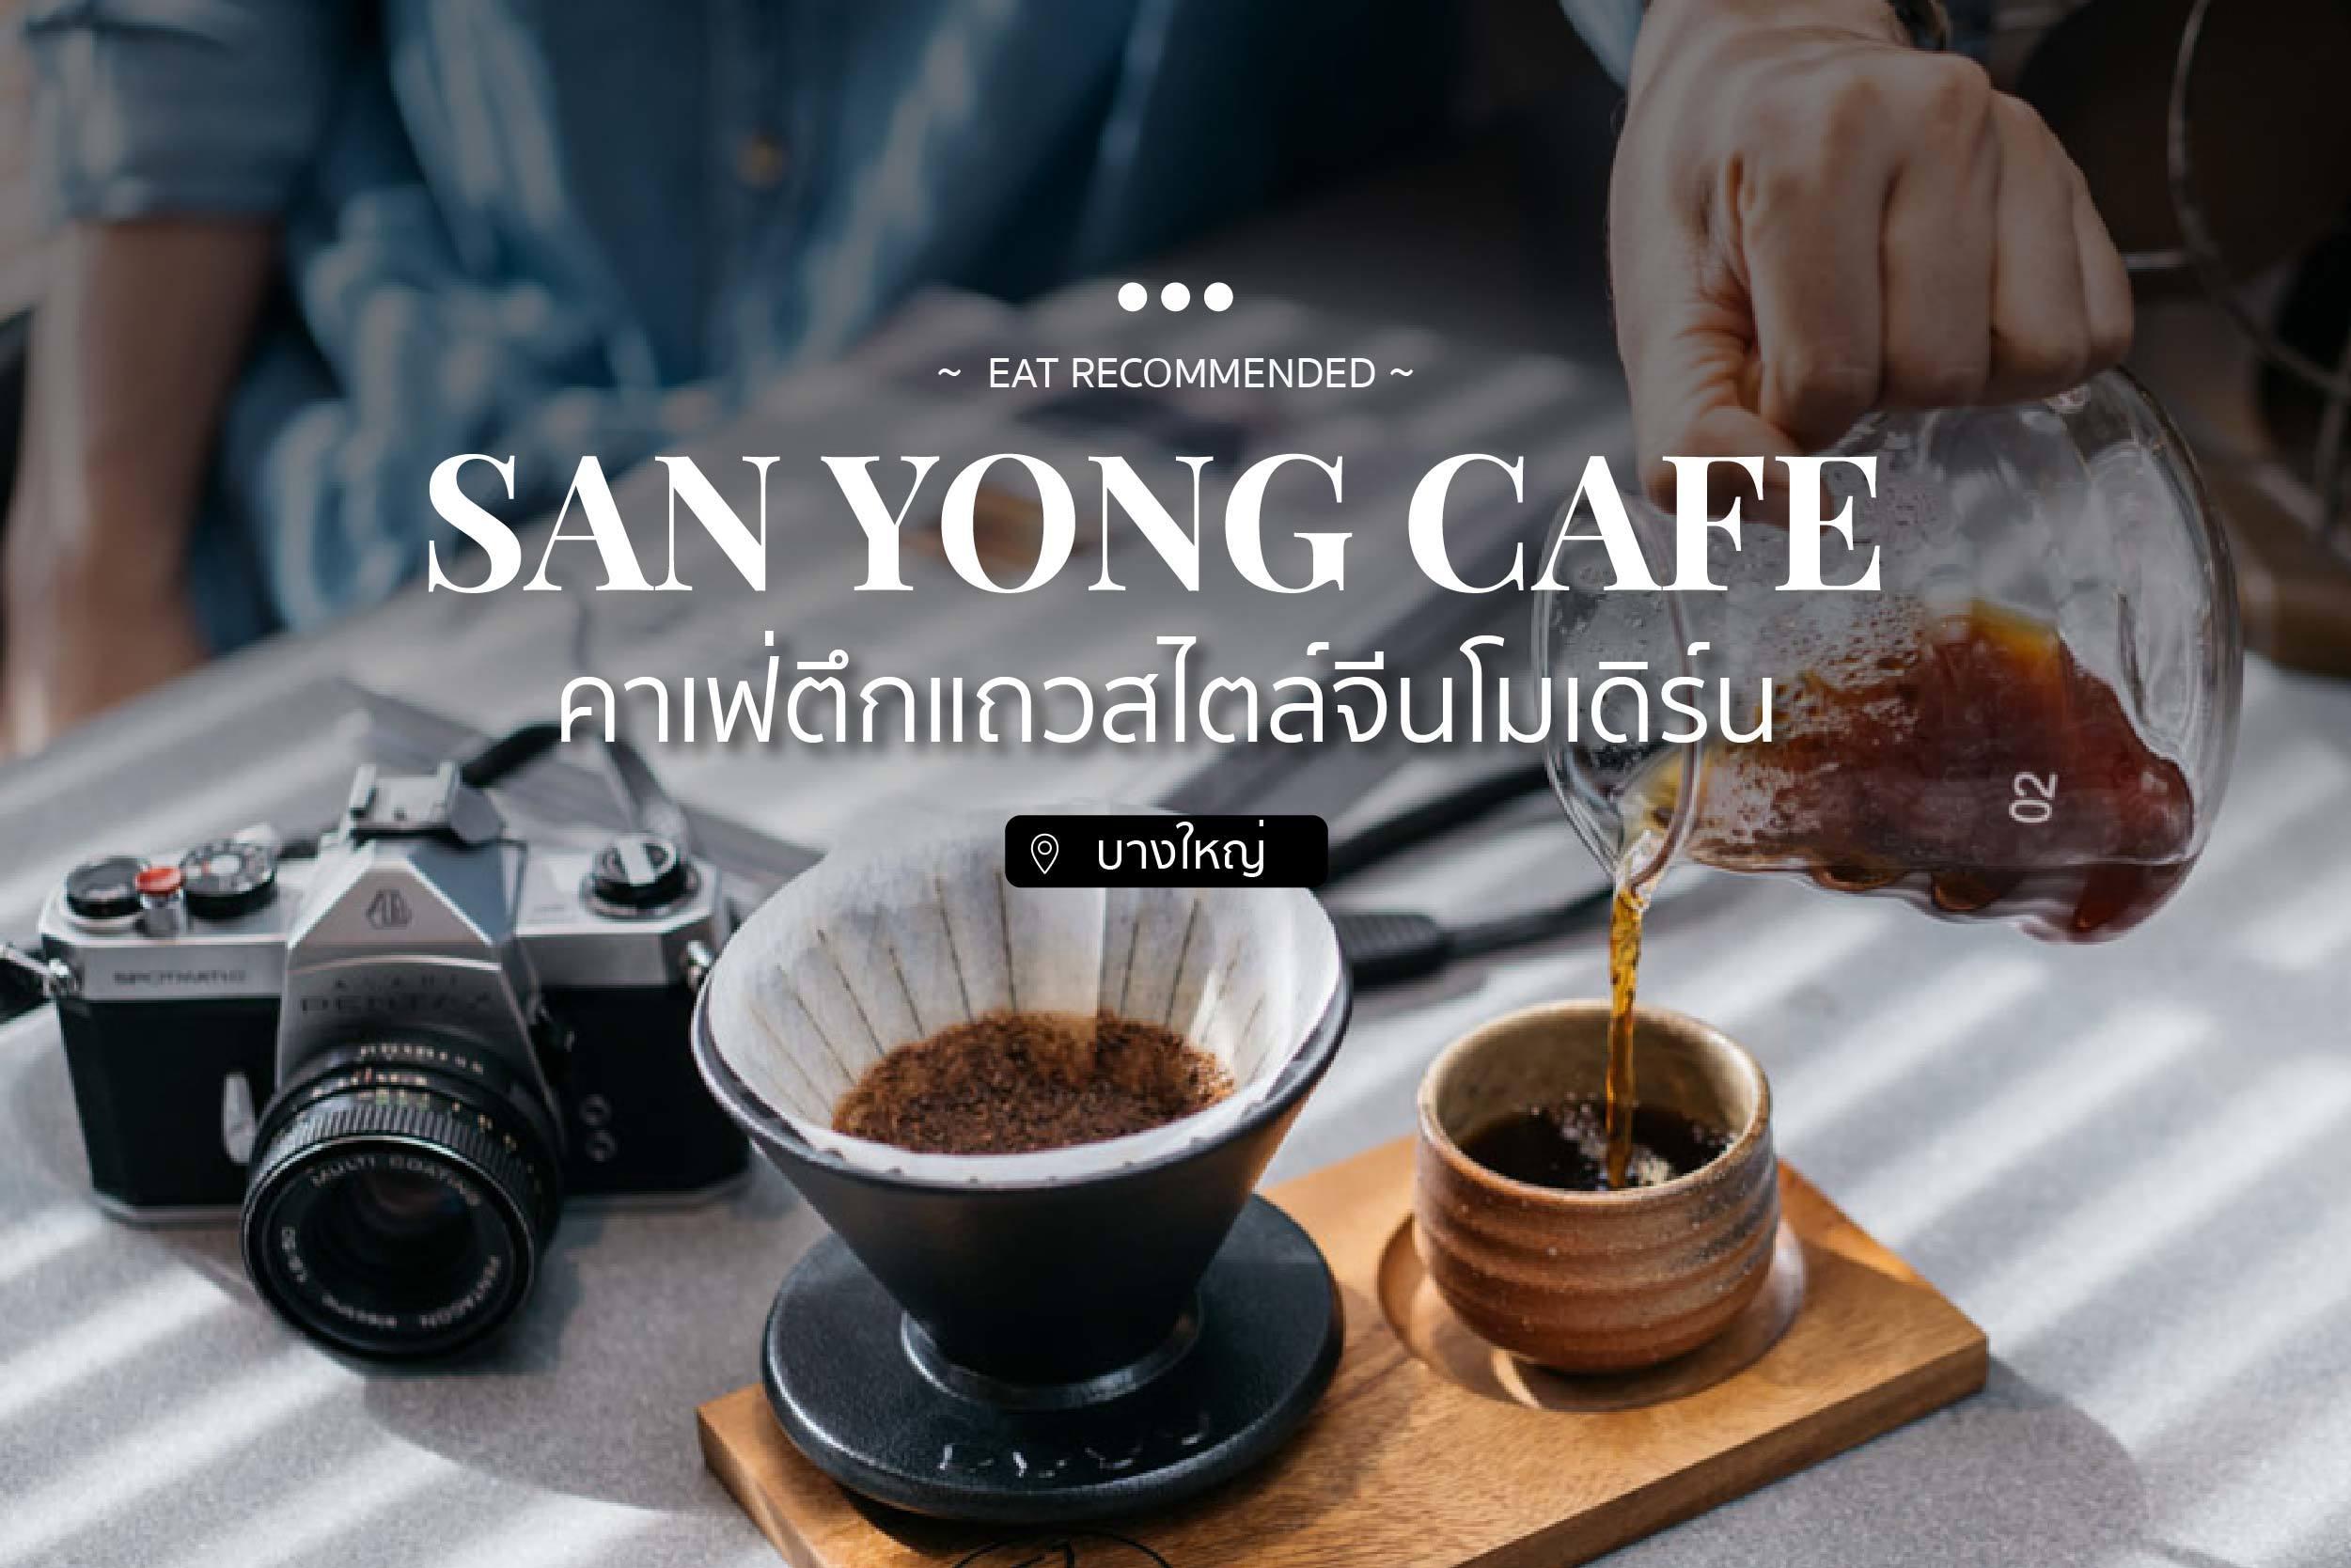 SAN YONG CAFE ปกweb